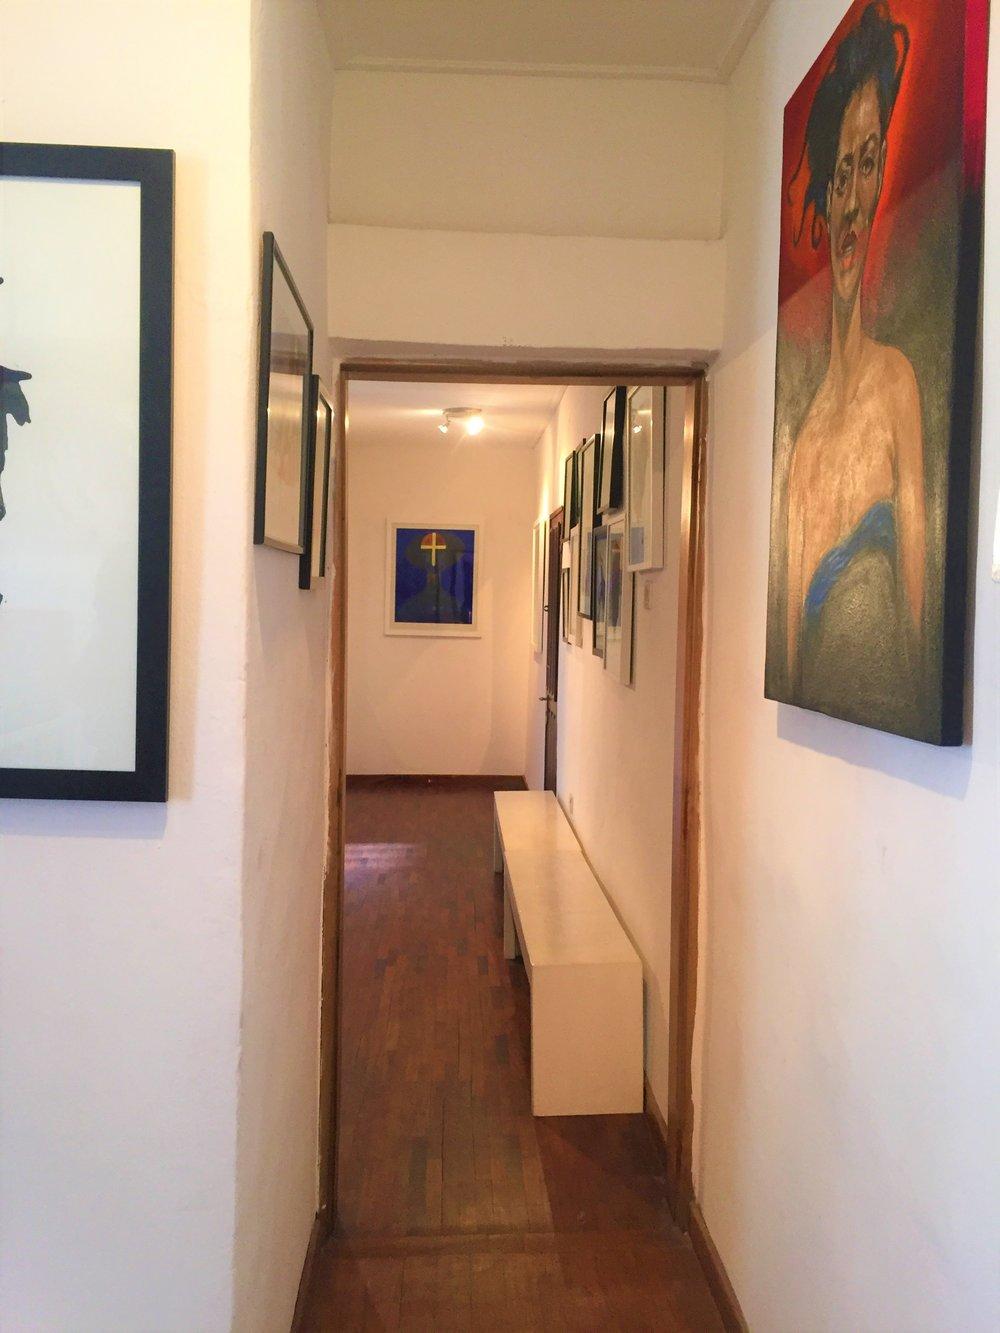 Rele gallery